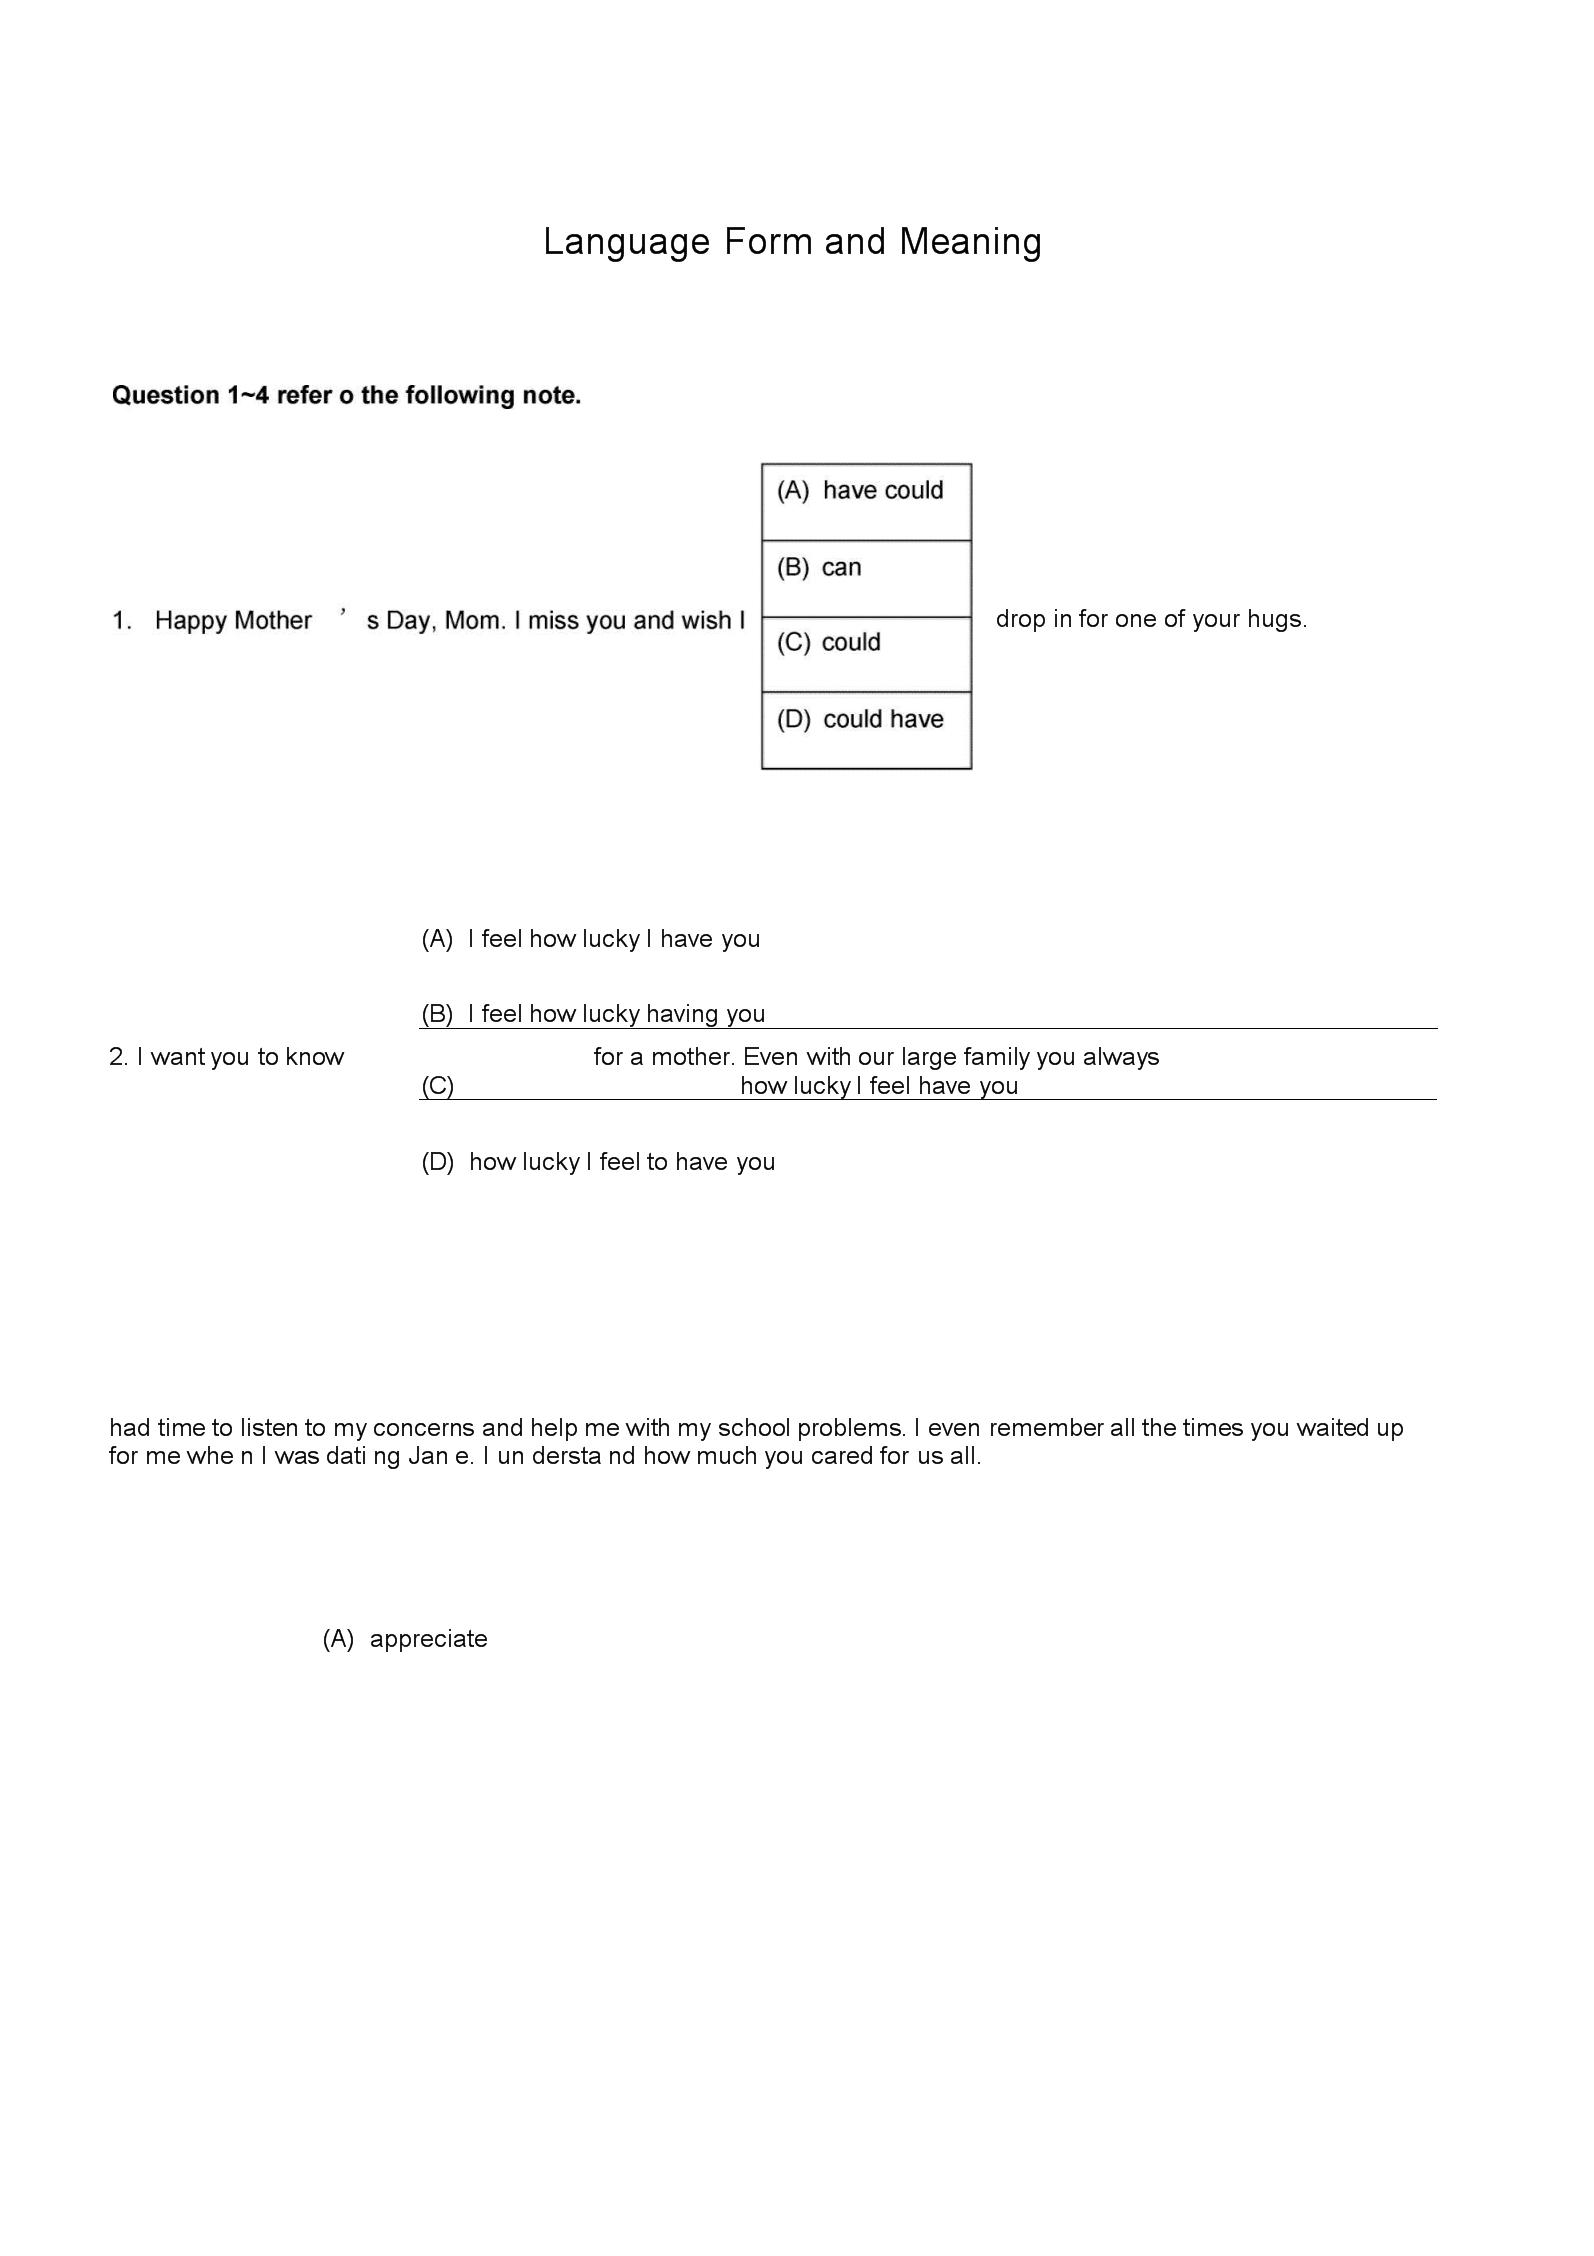 小托福语言形式与含义模拟题02汇编.docx